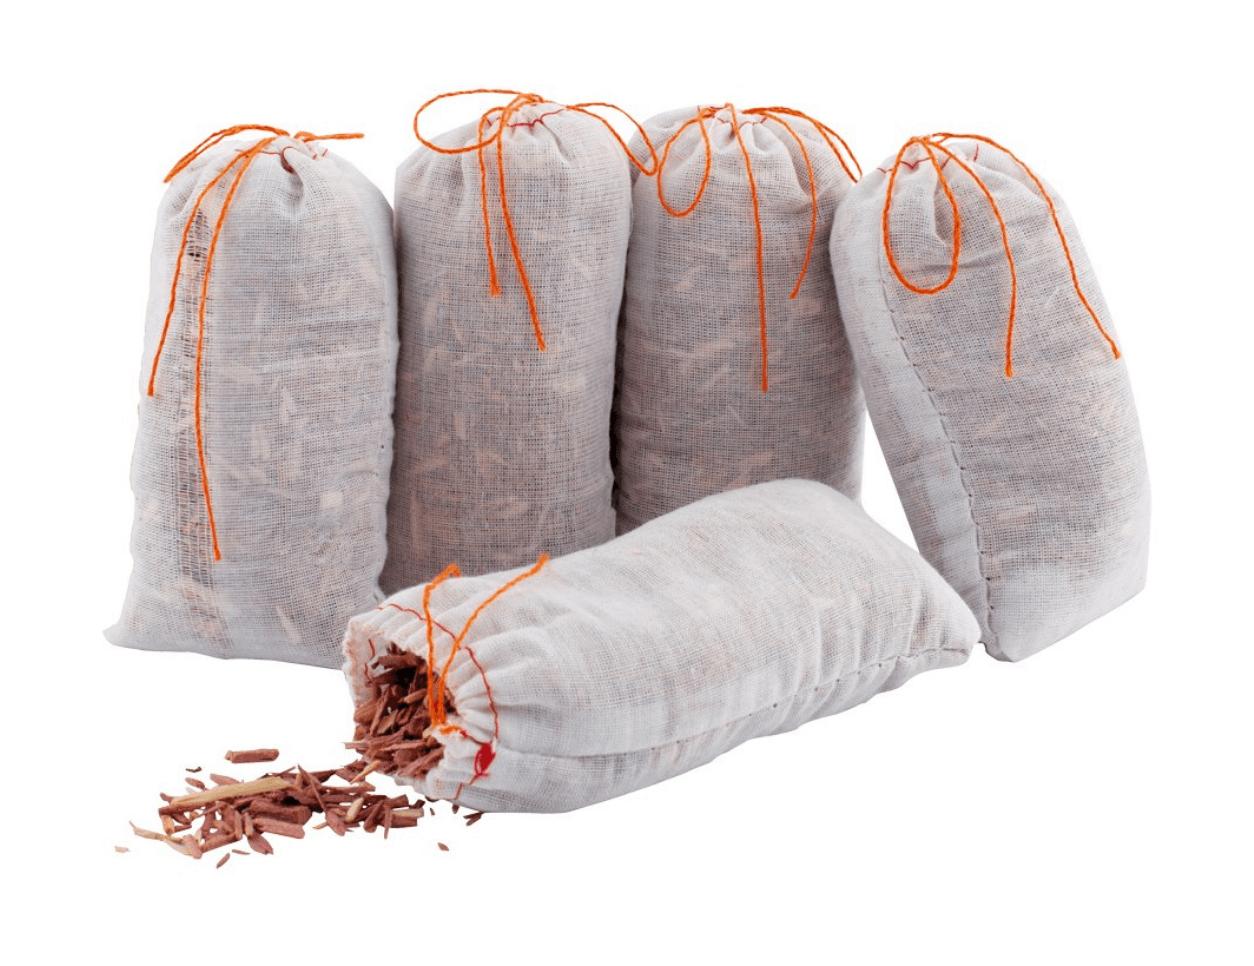 Traespan roed cedertrae 5 stk